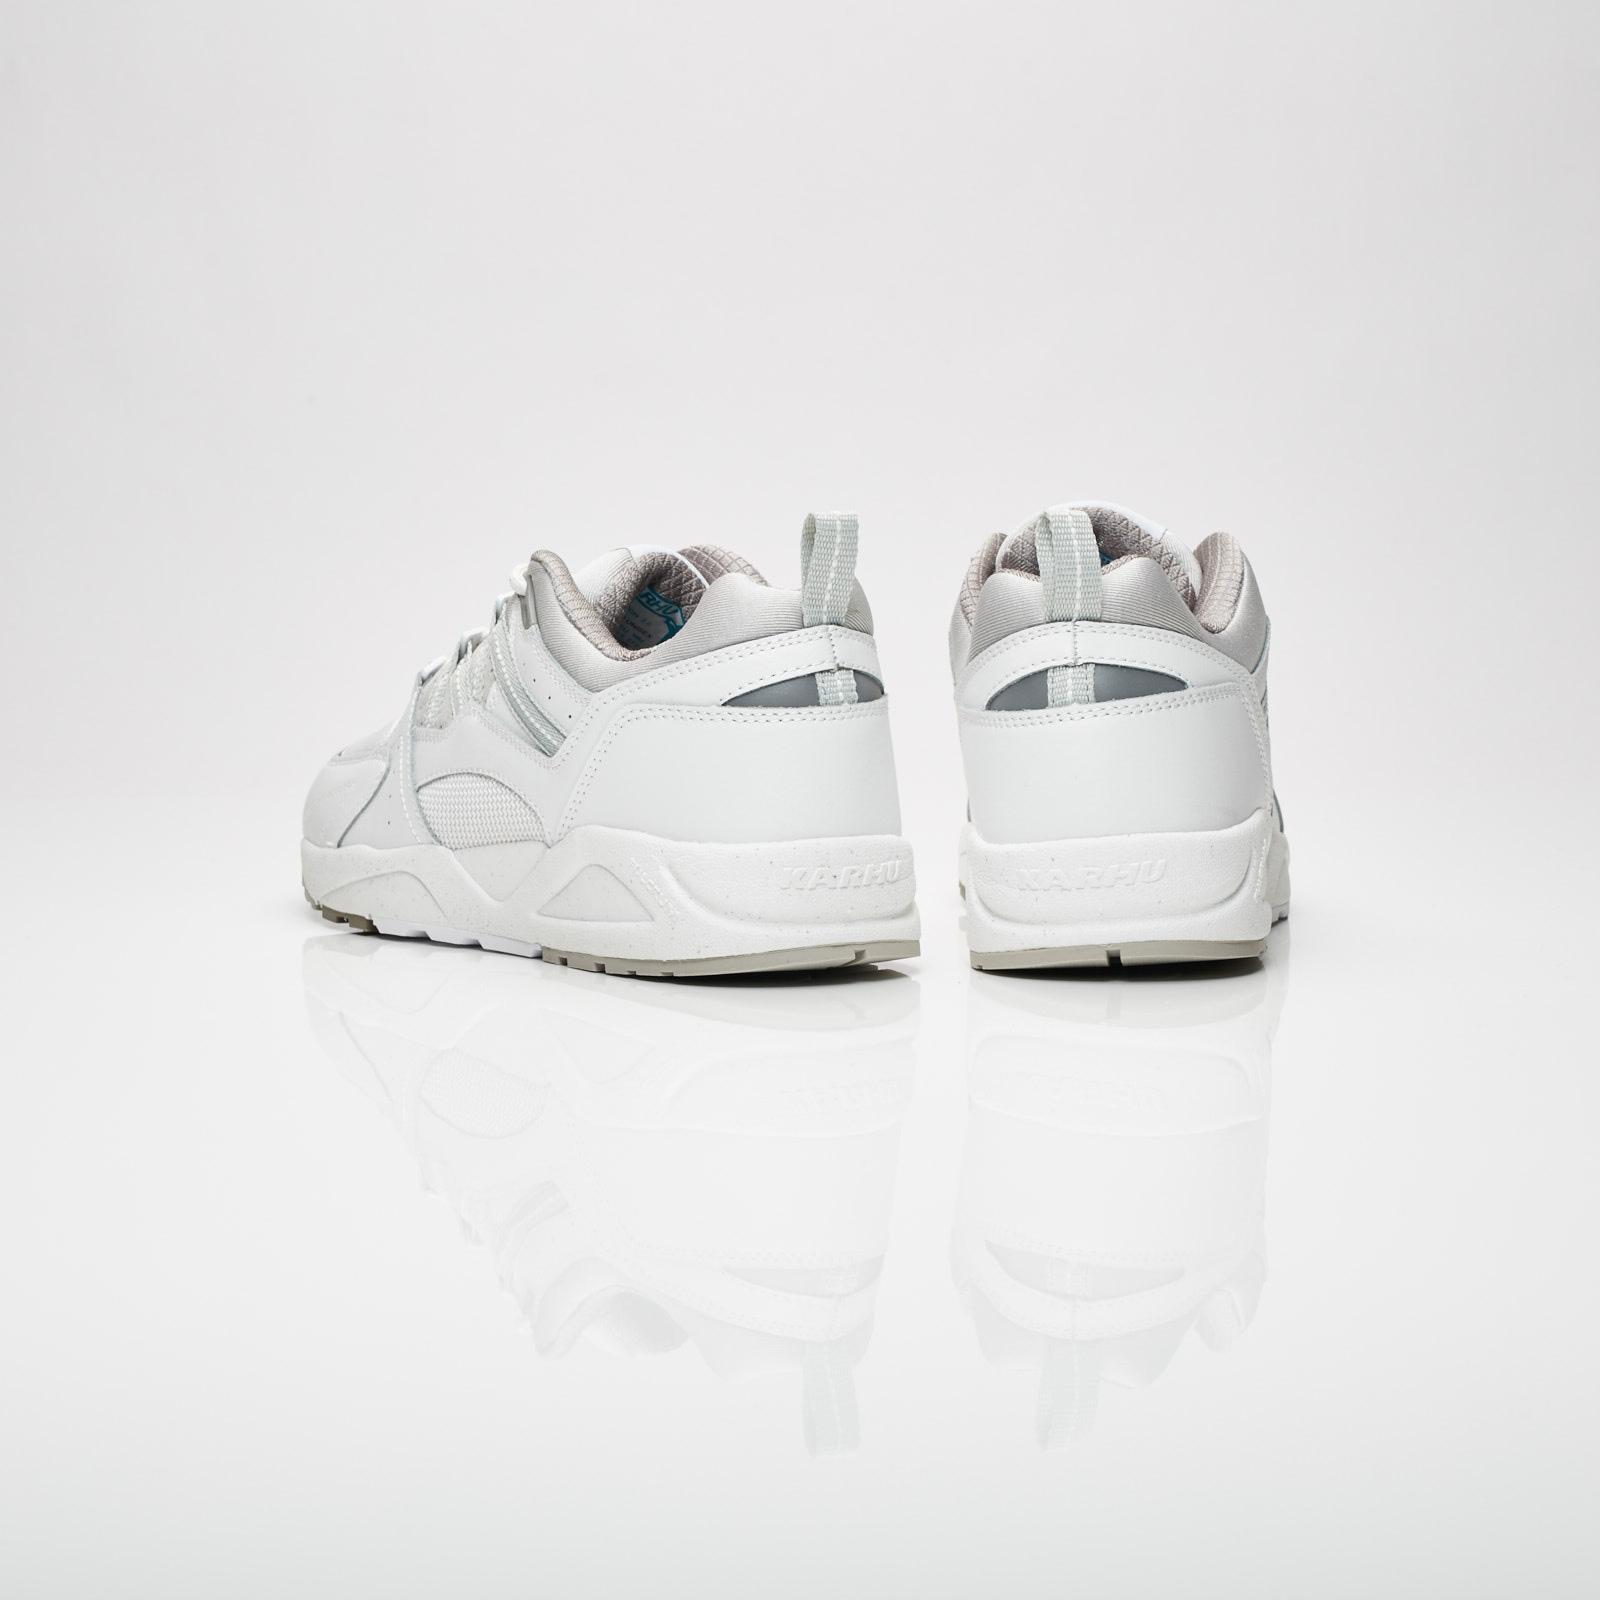 fd188b14adc0f Karhu Fusion 2.0 - F804032 - Sneakersnstuff